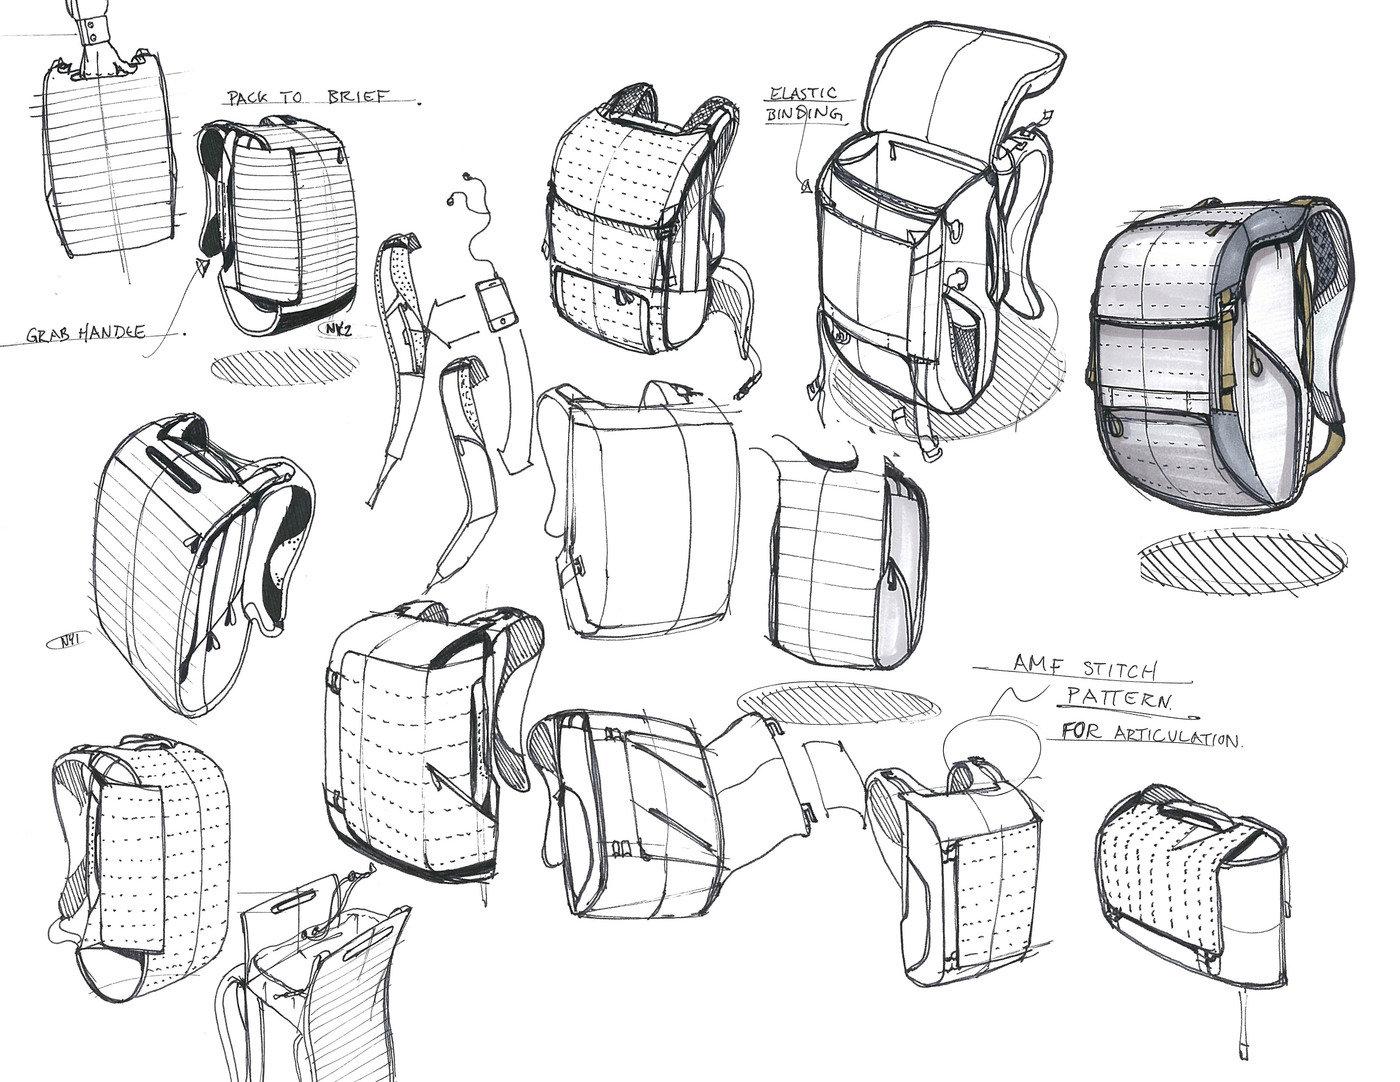 Sketchy By Greg Caneer At Coroflot